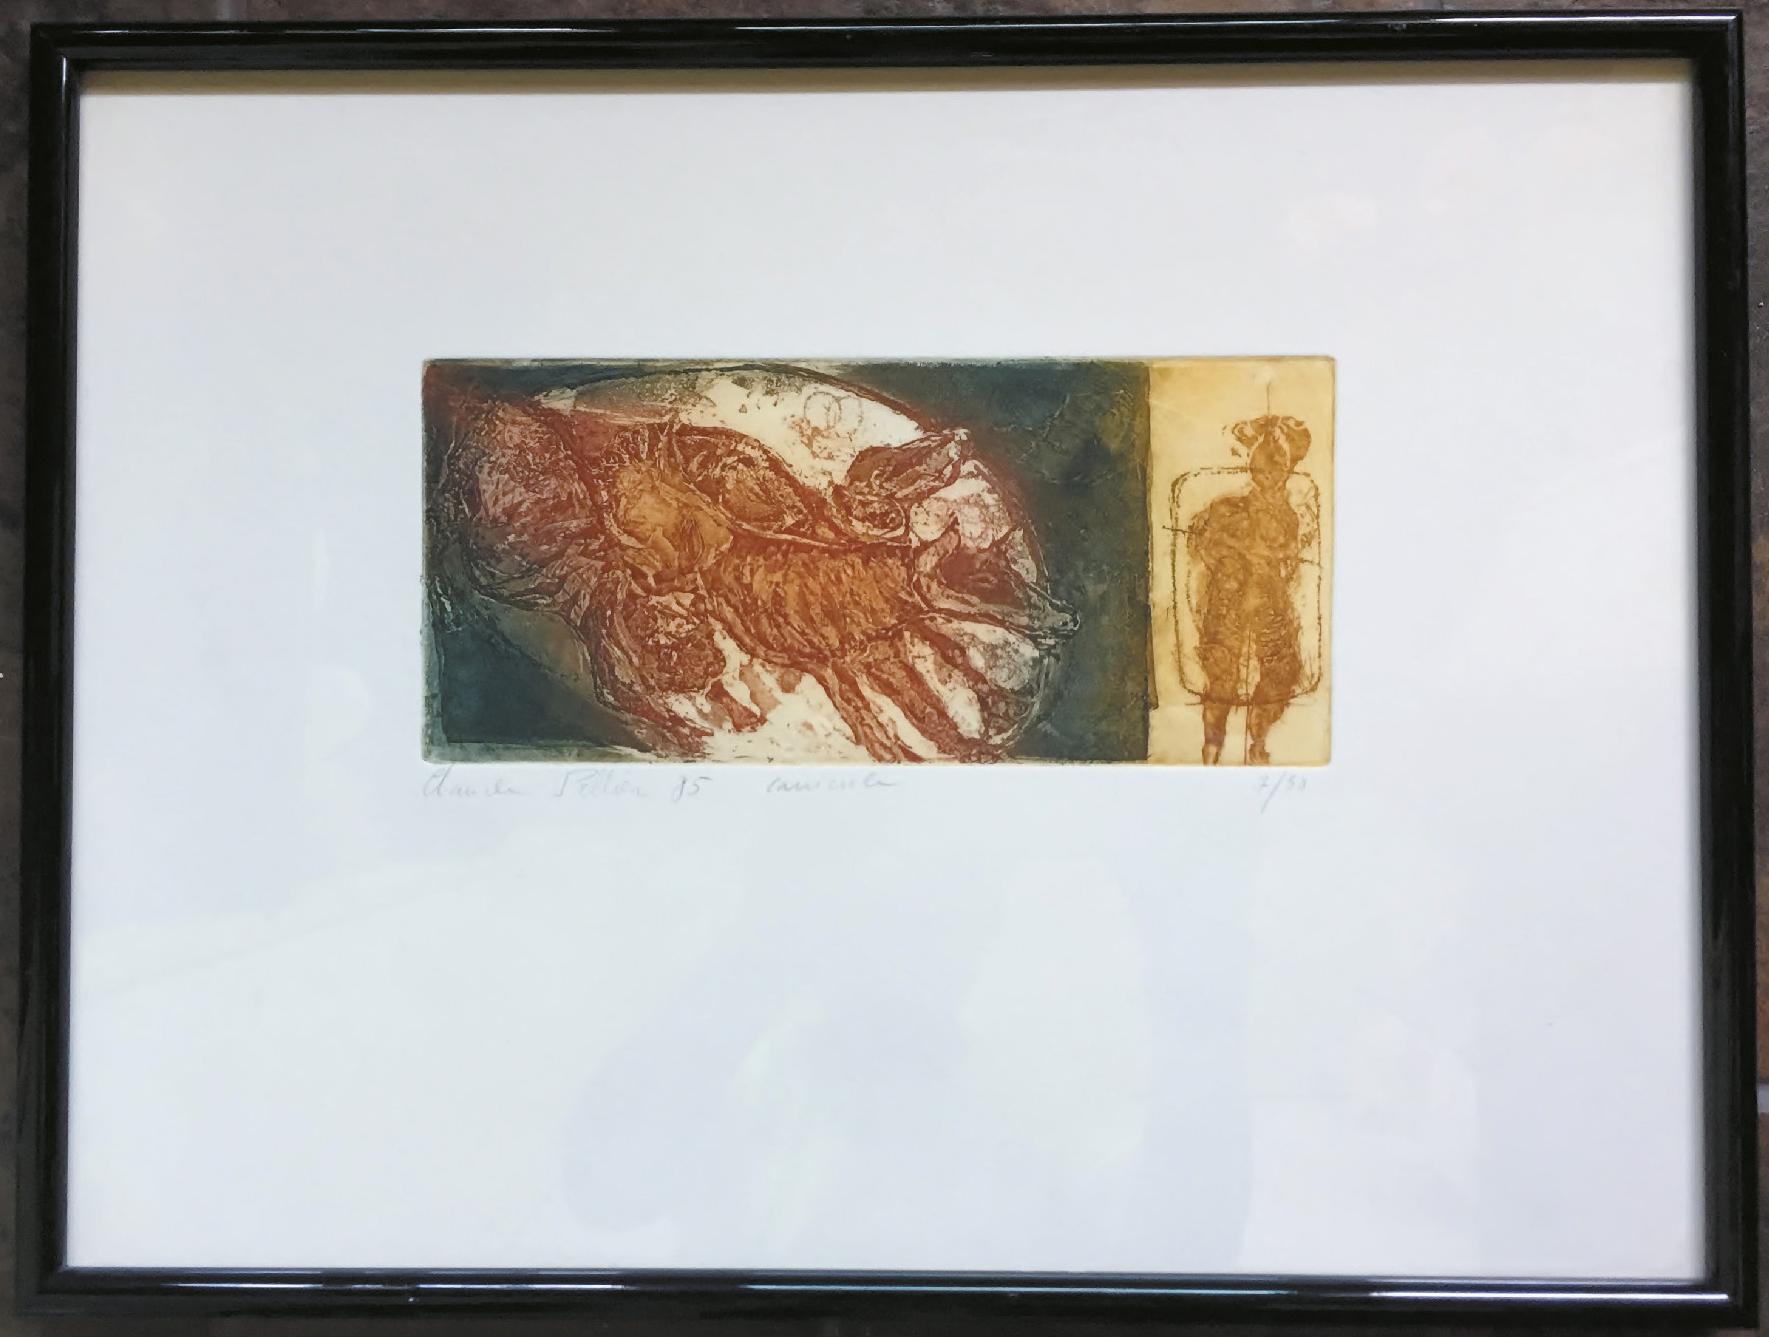 Lot 110 - Pellier ClaudeCanicule - 1985 - Lithograph - 7/50 - 41 x 31 cm -